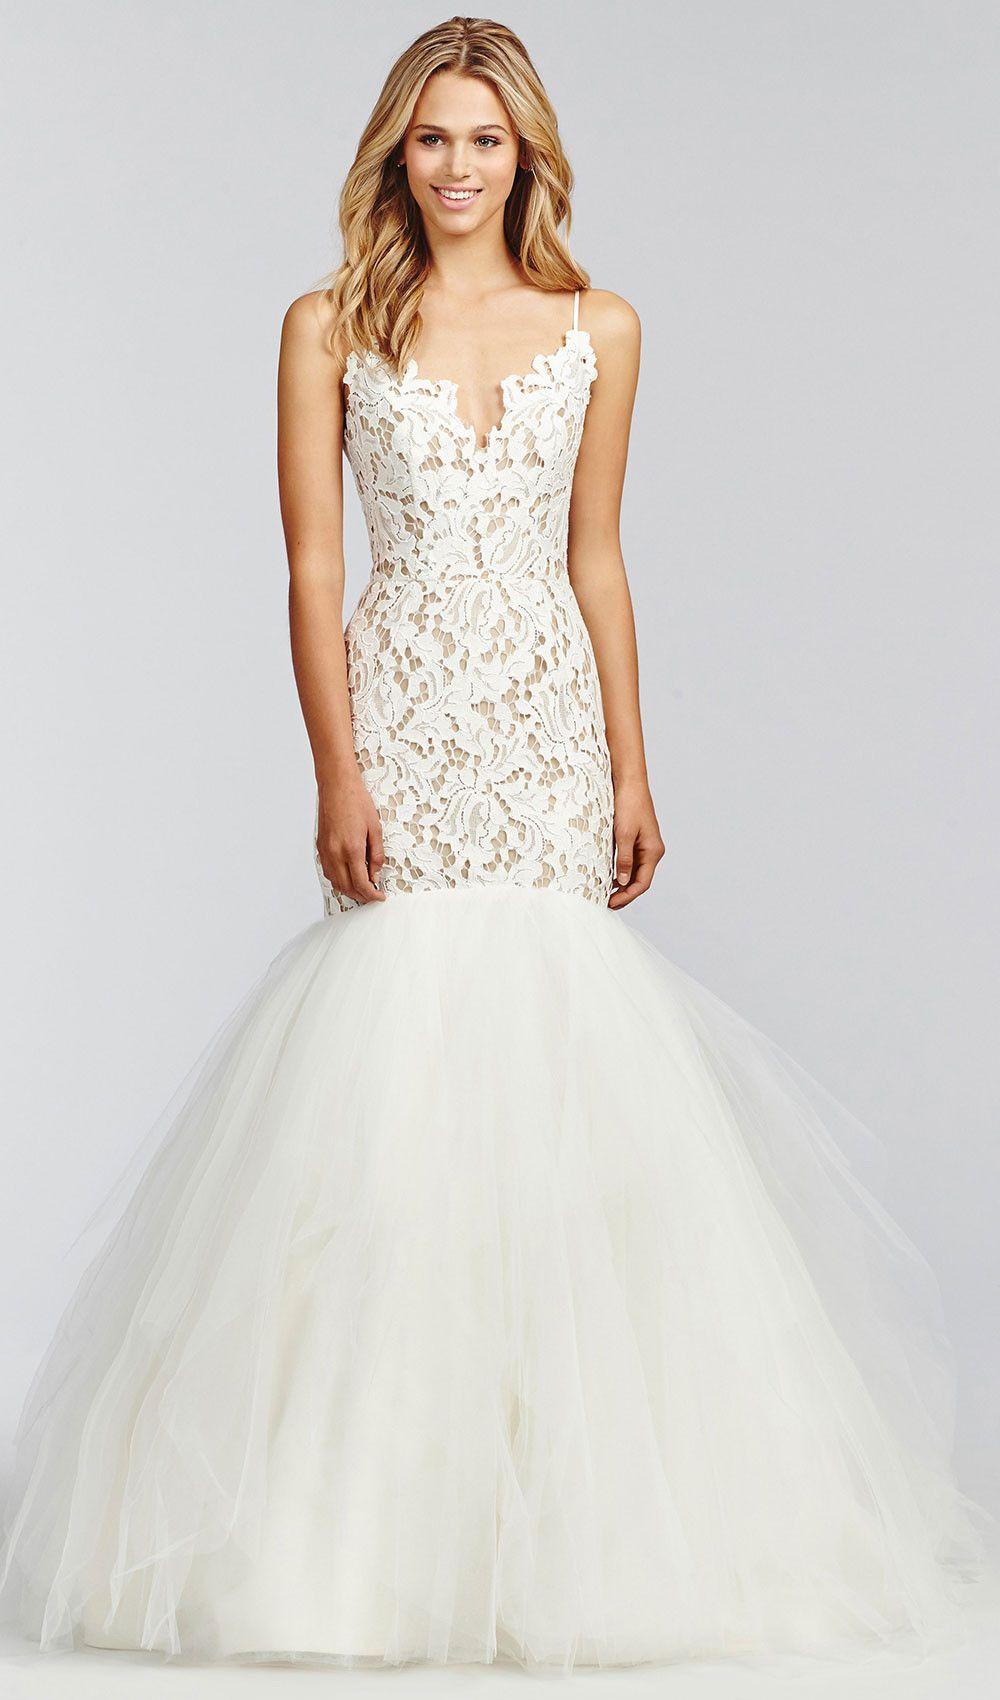 Atemberaubend Hochzeitskleid Kappenhülse Galerie - Brautkleider ...